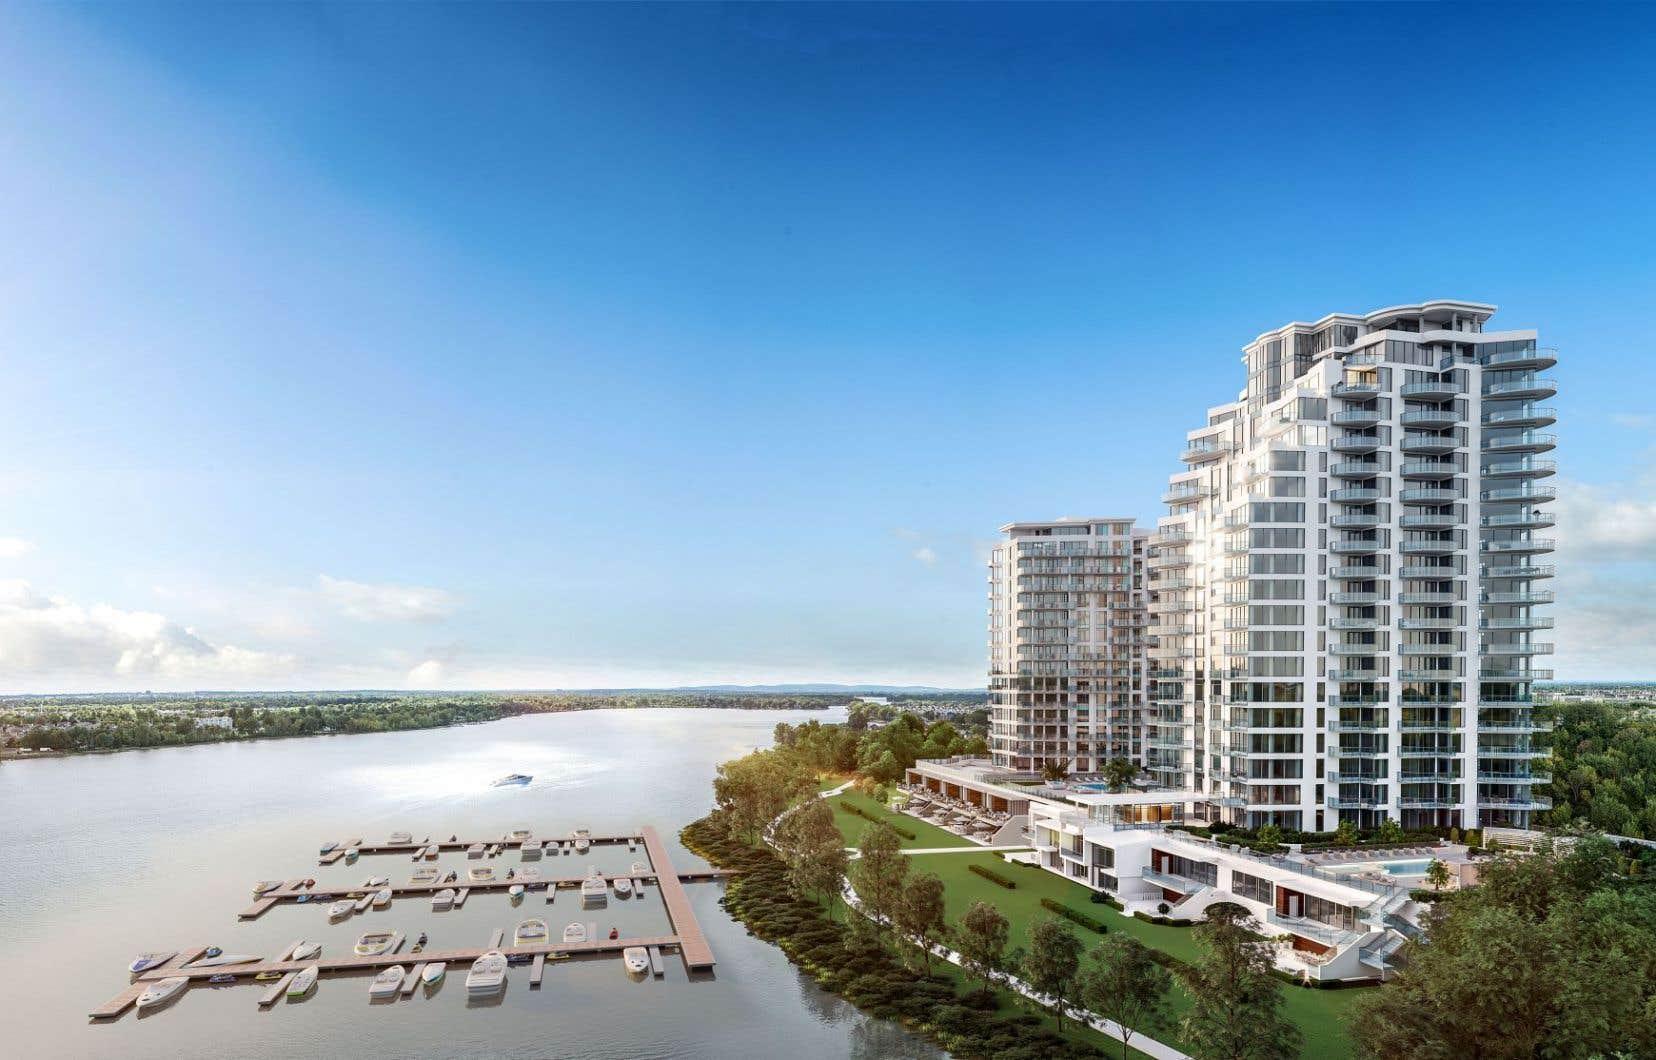 «Le reflet du soleil dans l'eau, se réveiller le matin et voir la rivière, c'est ça le feeling Aquablu», assure John Garabedian, président du Groupe Garabedian Lifestyle et promoteur du projet immobilier Aquablu.